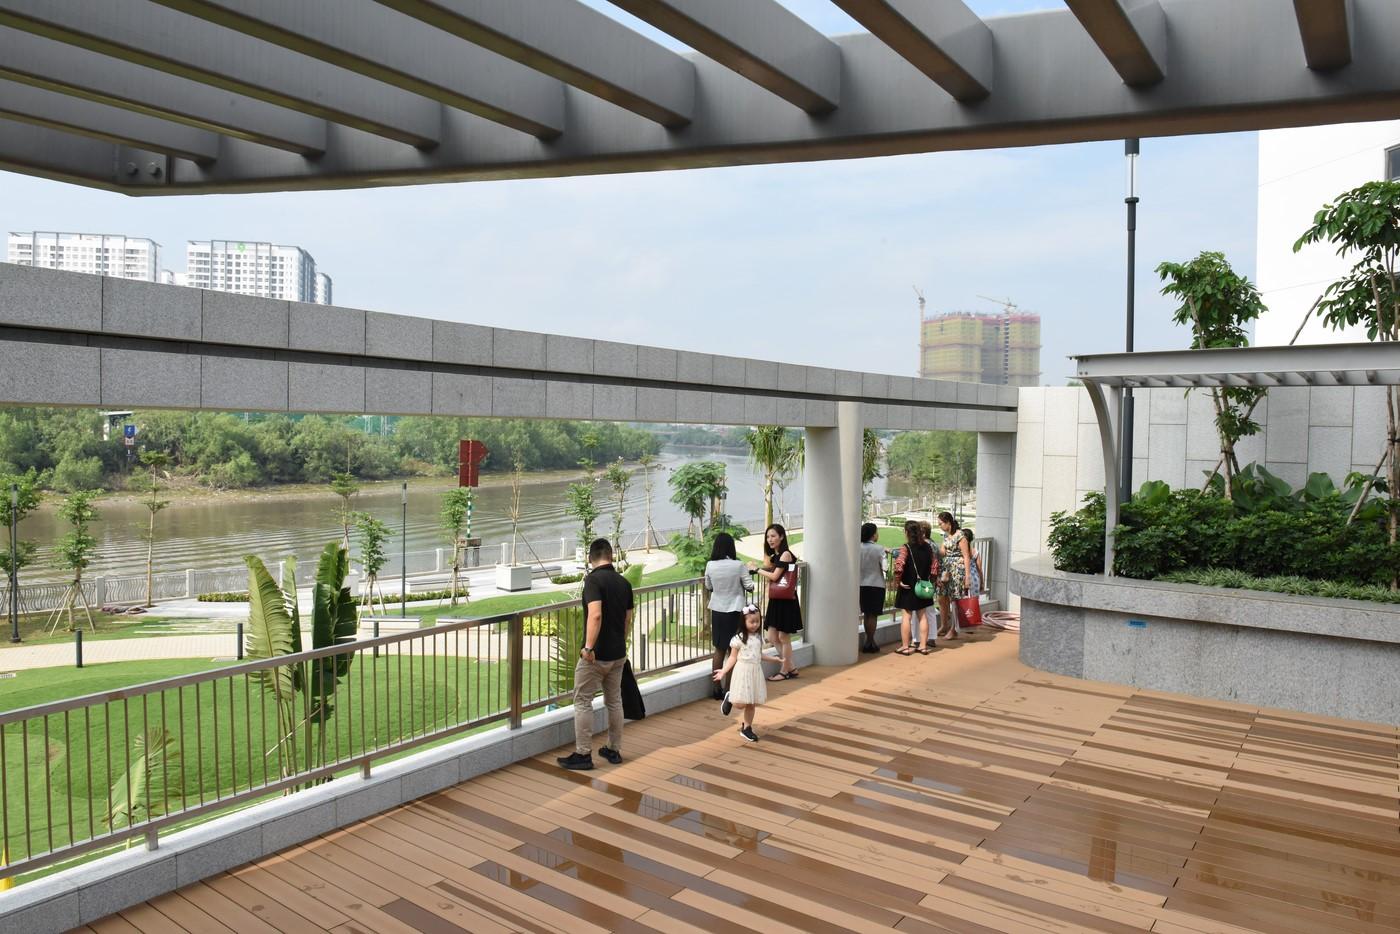 DSC 7926 Copy - Nhận nhà mới - đón năm mới cùng cư dân Riverpark Premier